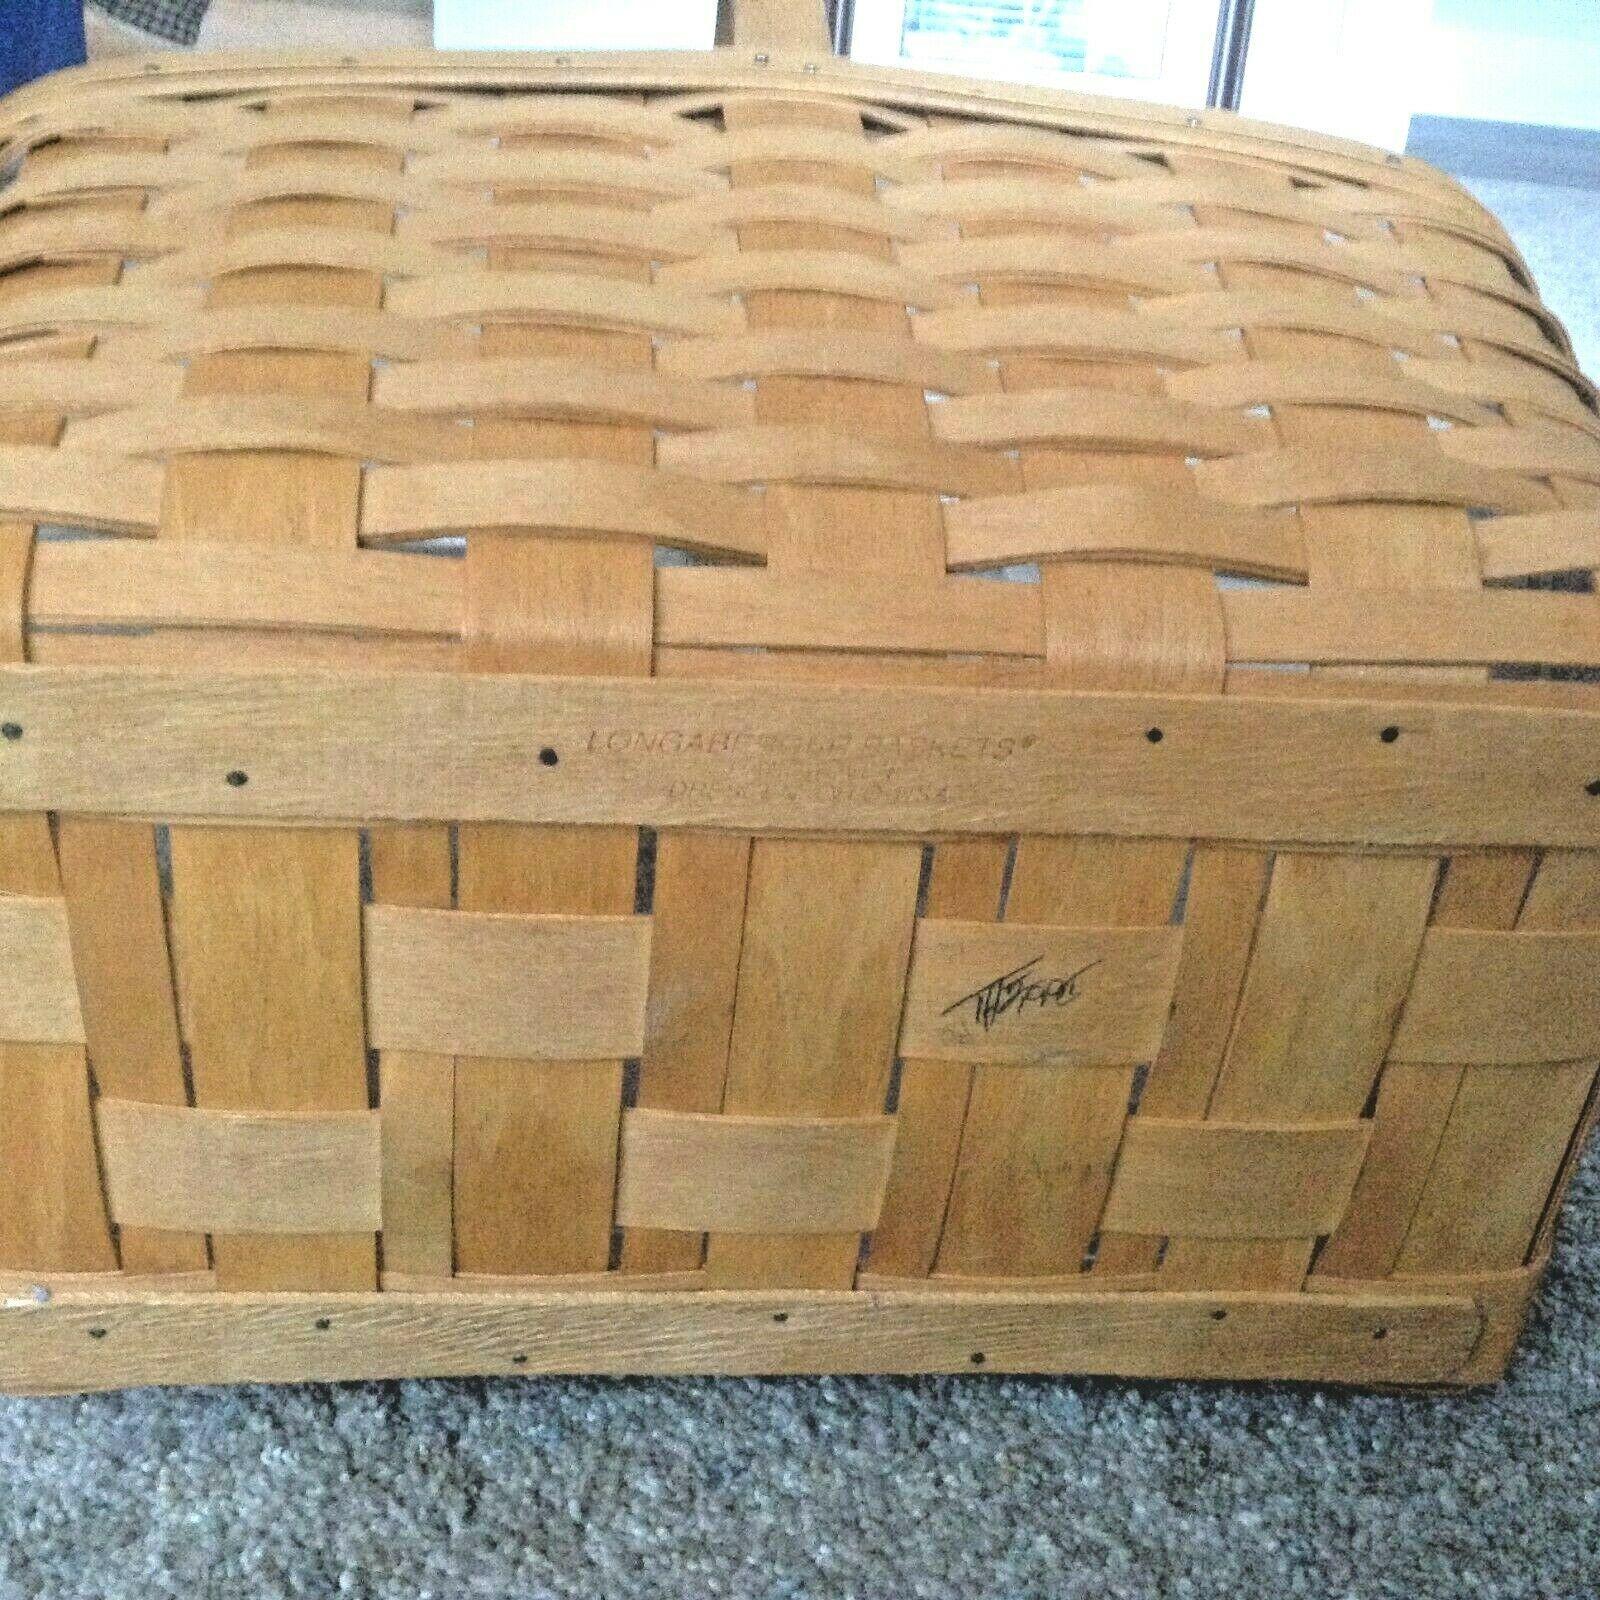 1995 Longaberger Market Basket - Large with protector  euc stationary  handle